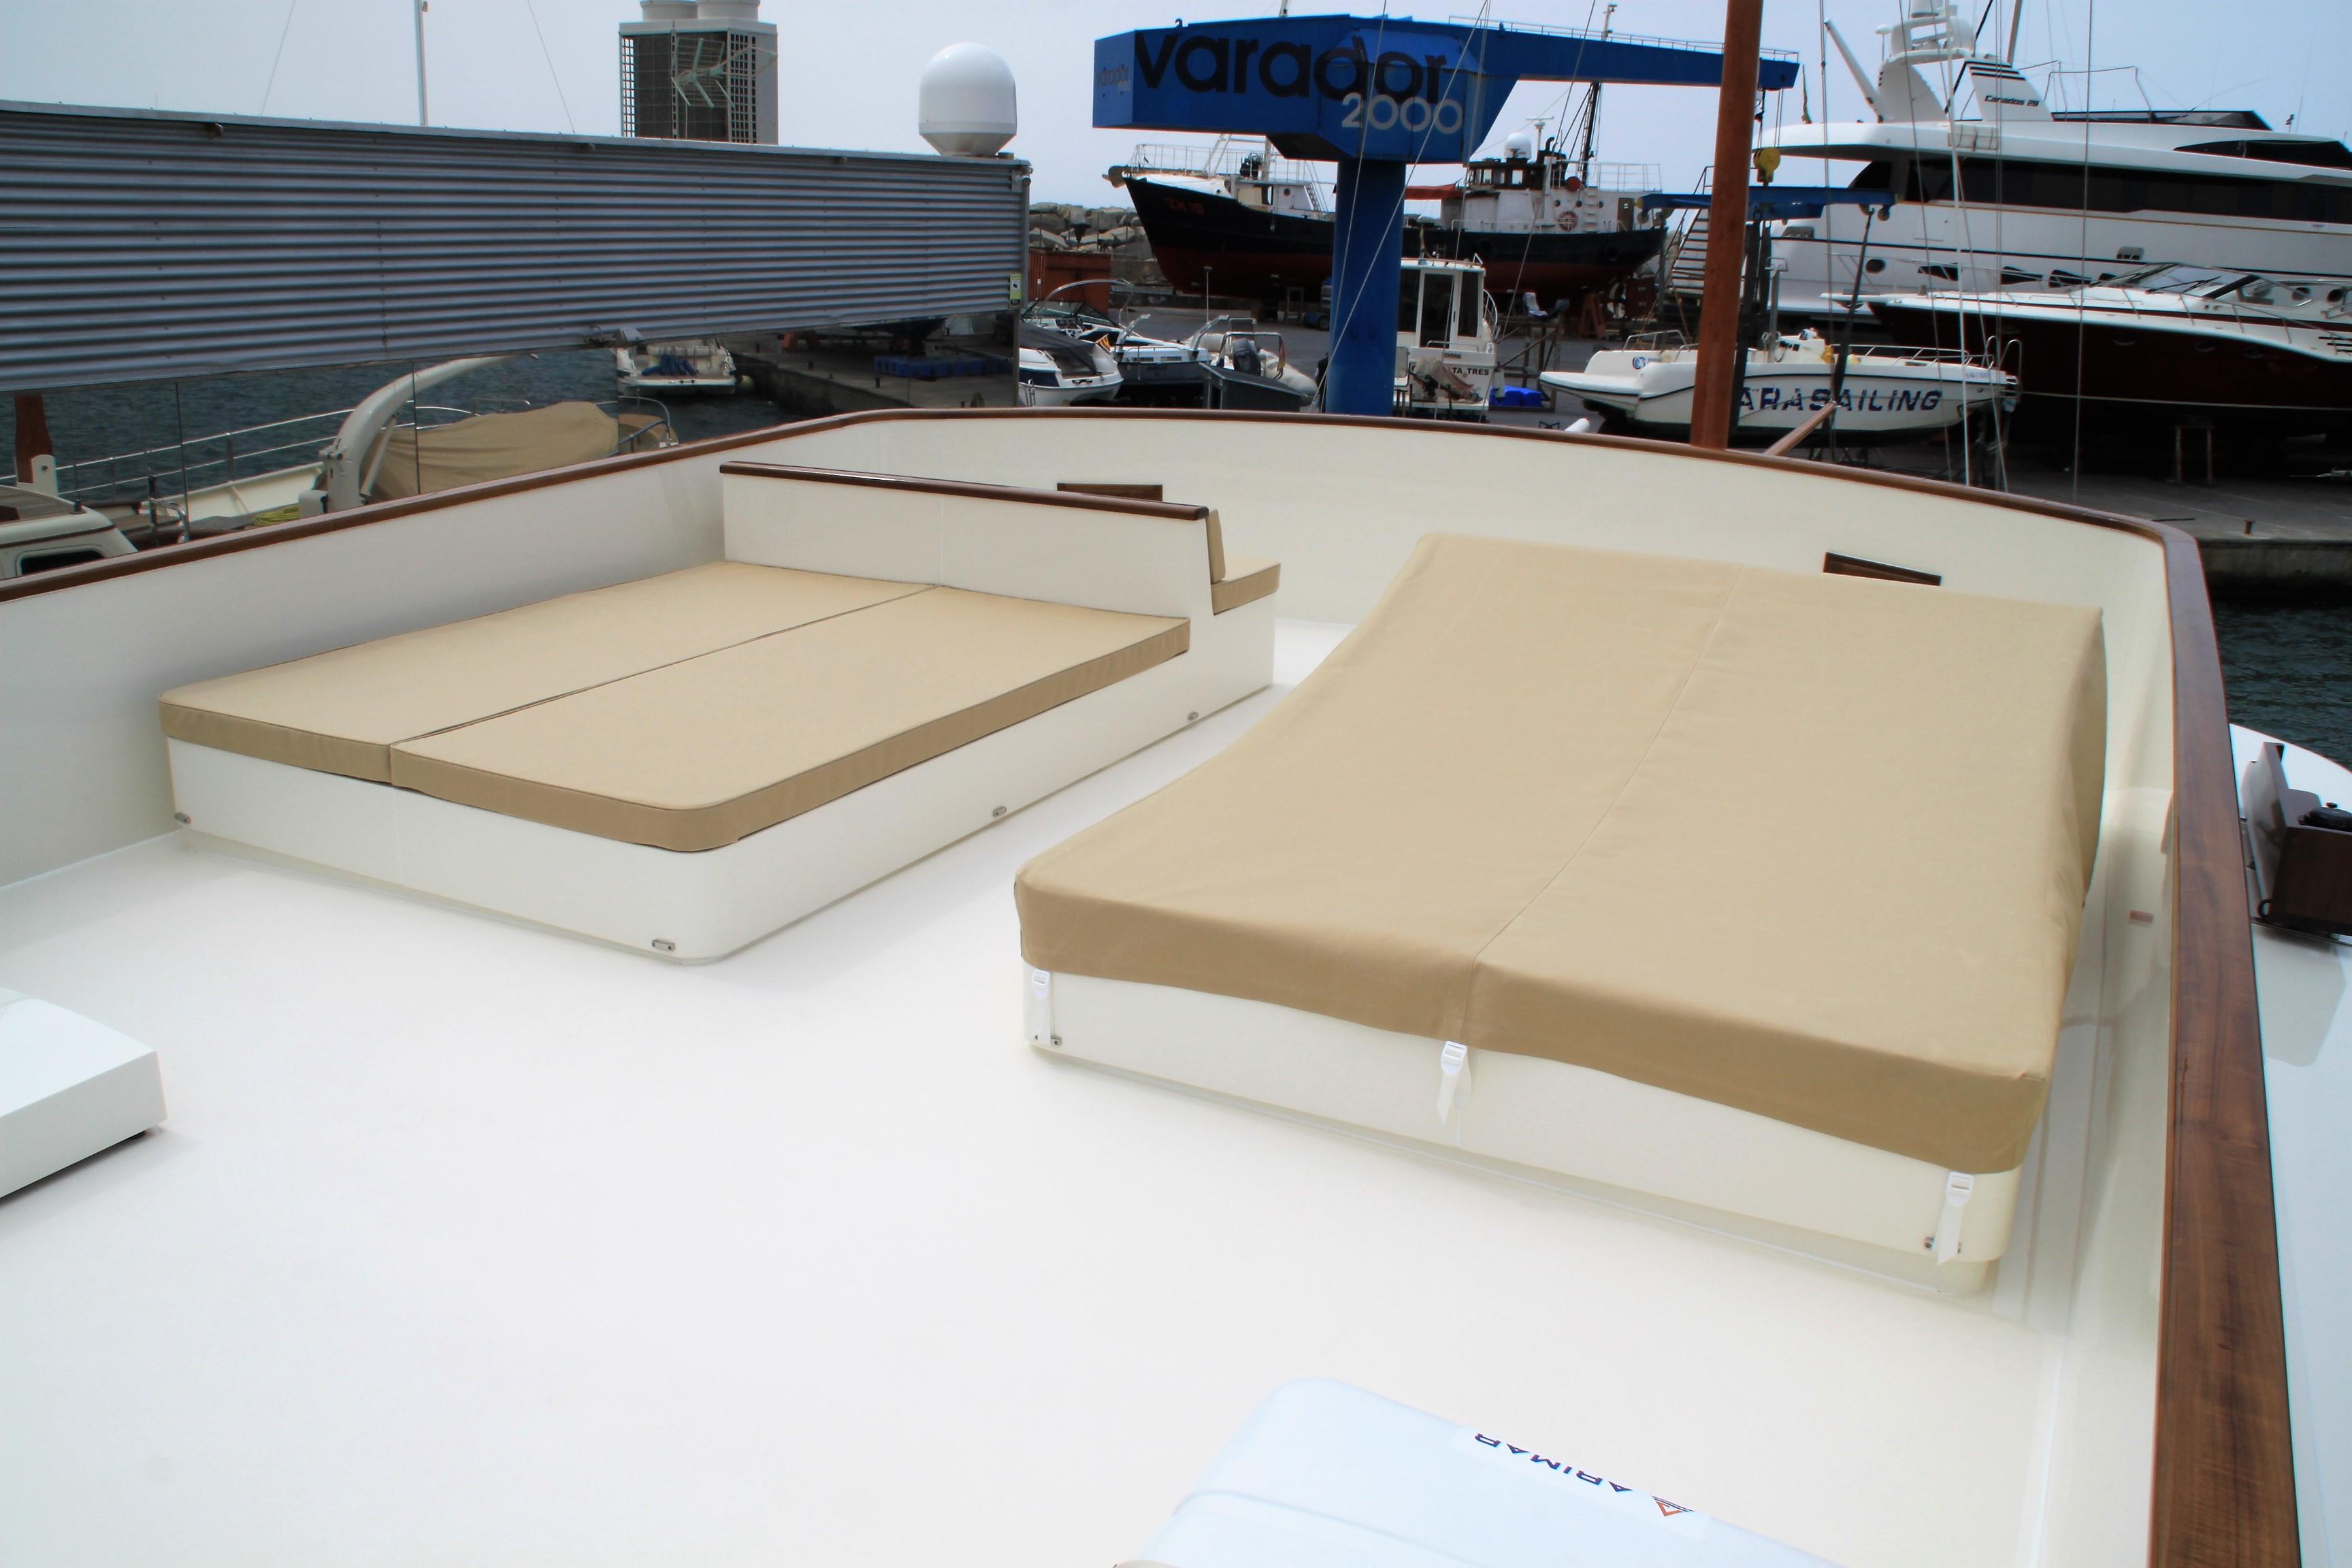 Varador 2000 incorpora un nuevo taller especializado en tapicería náutica en su shipyard